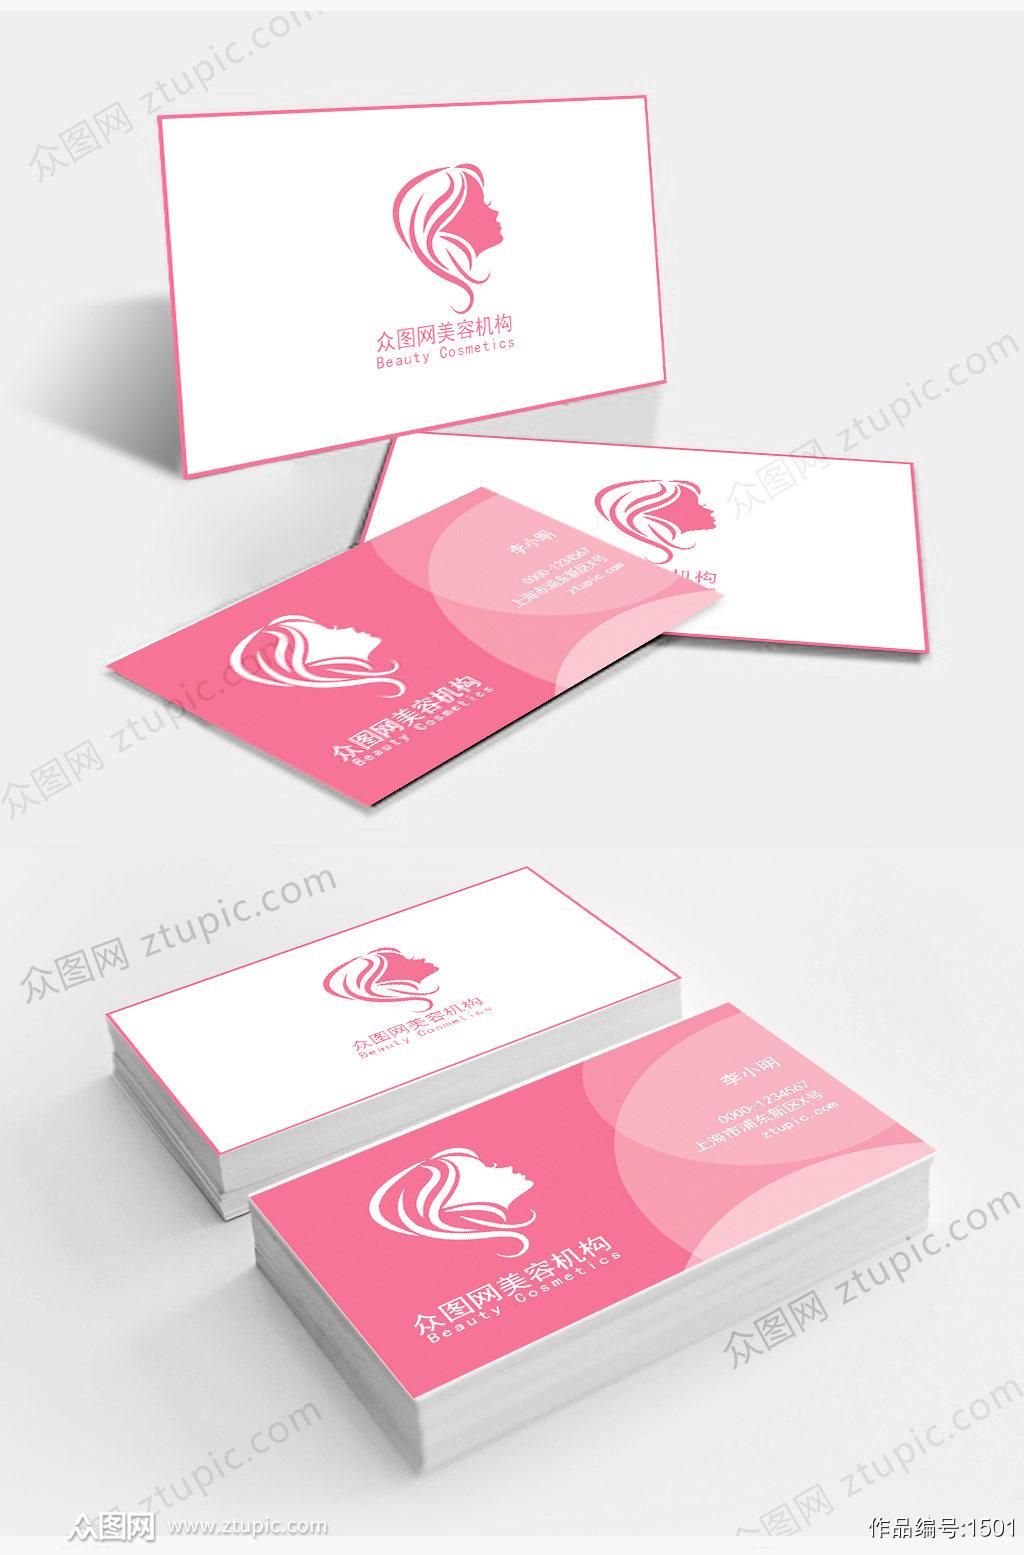 粉红美容时尚名片设计素材